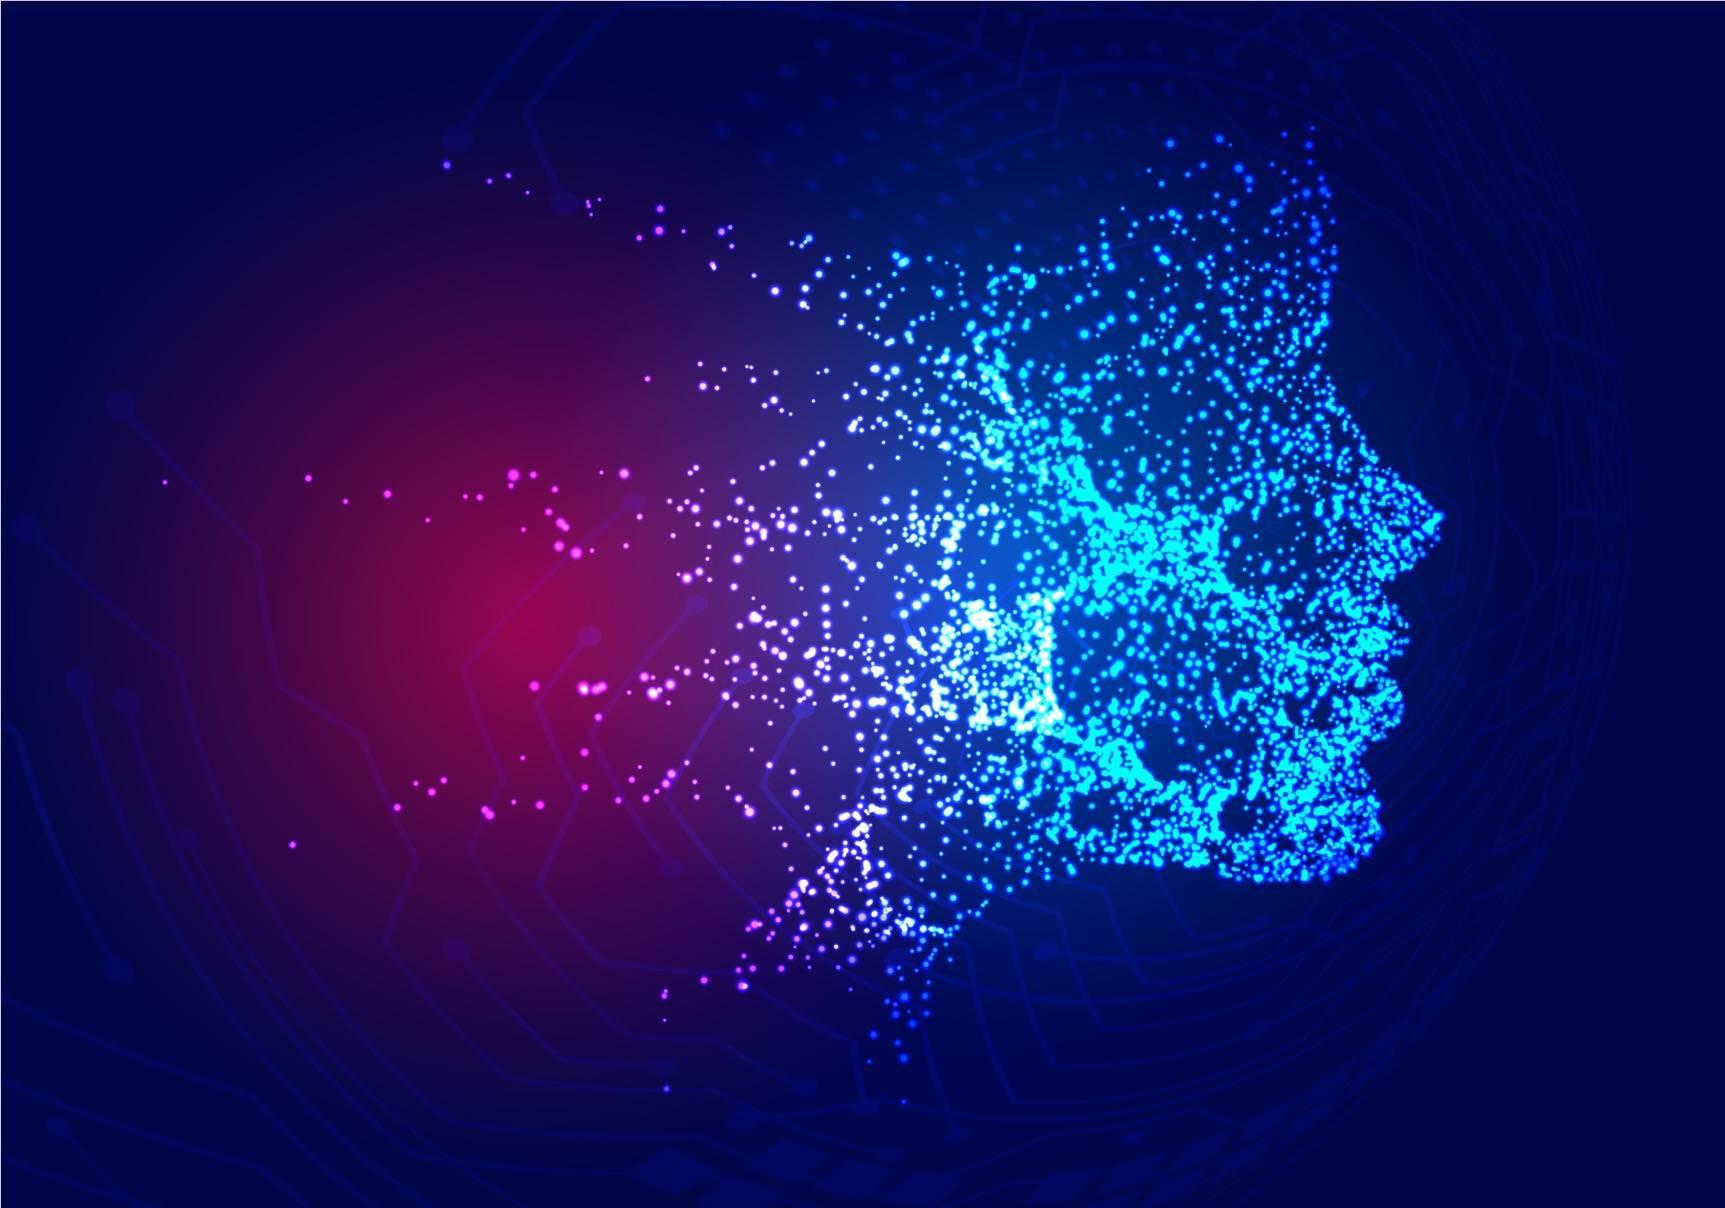 """红魔游戏手机-ITMI社区-晓多科技获评投中""""2019年度中国人工智能与大数据财产最佳投资案例TOP10""""(6)"""